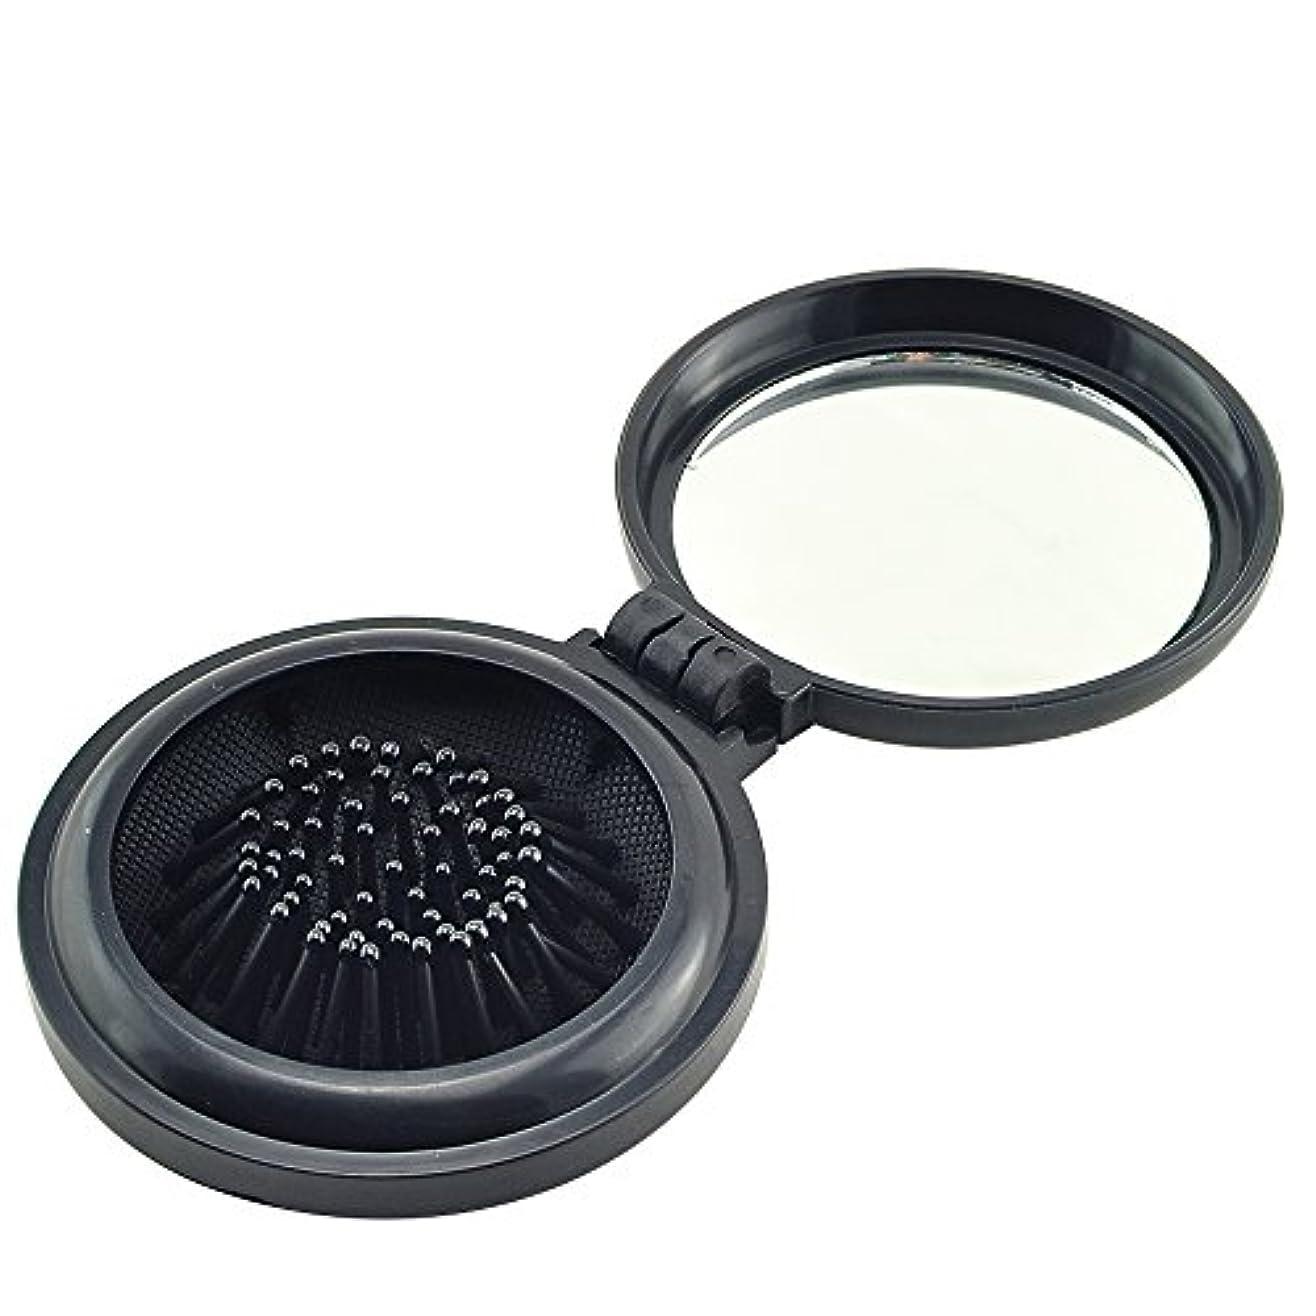 ハンバーガー移住する永遠のixaer 折りたたみ ヘアブラシ 鏡付き 円形 櫛 コンパクト 携帯便利 通勤 通学 旅行に最適 ブラック